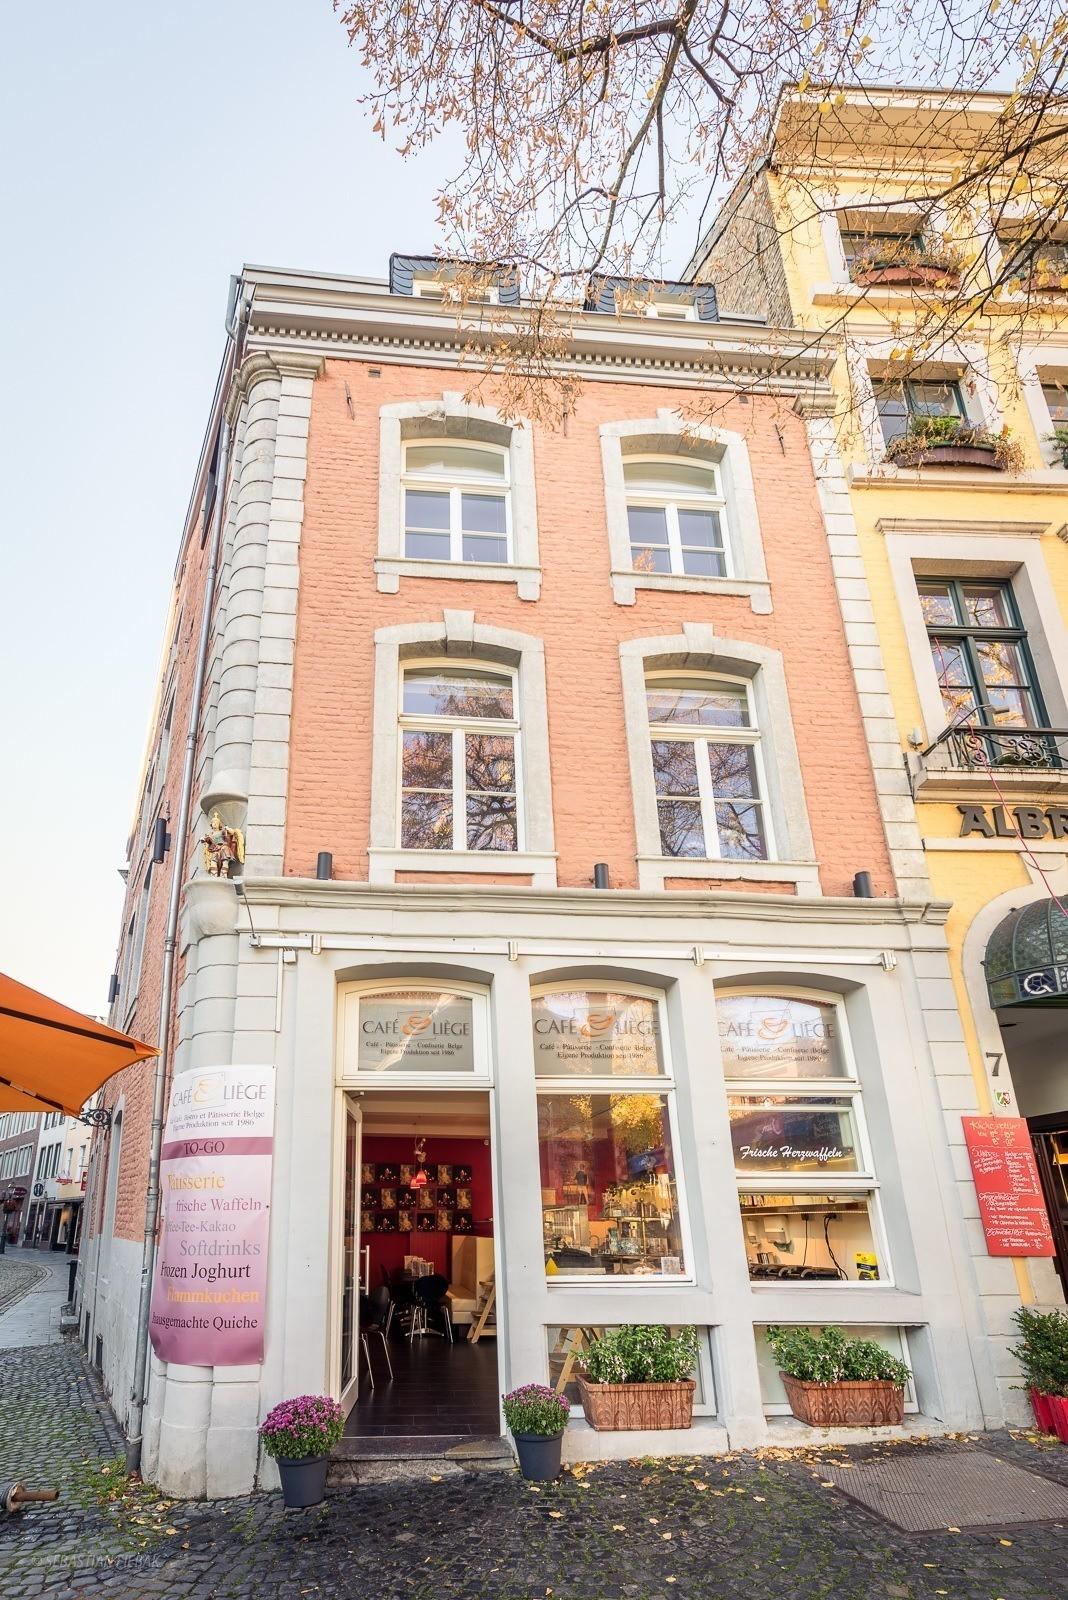 cafe liege aachen google street view 8